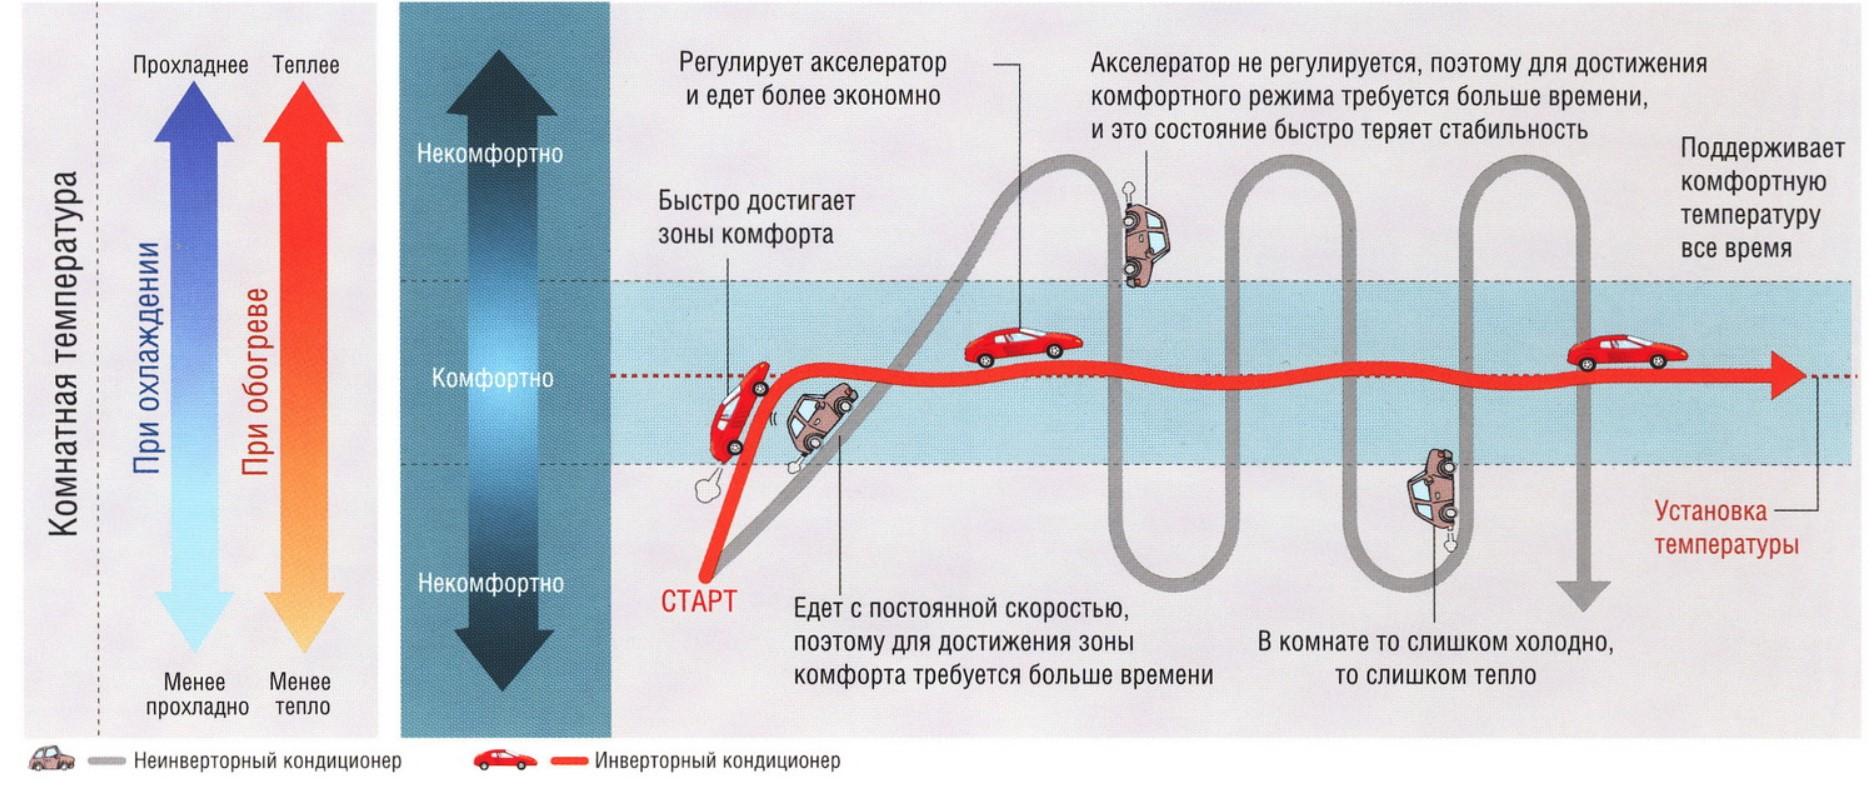 кондиционеры инверторного типа - отличия